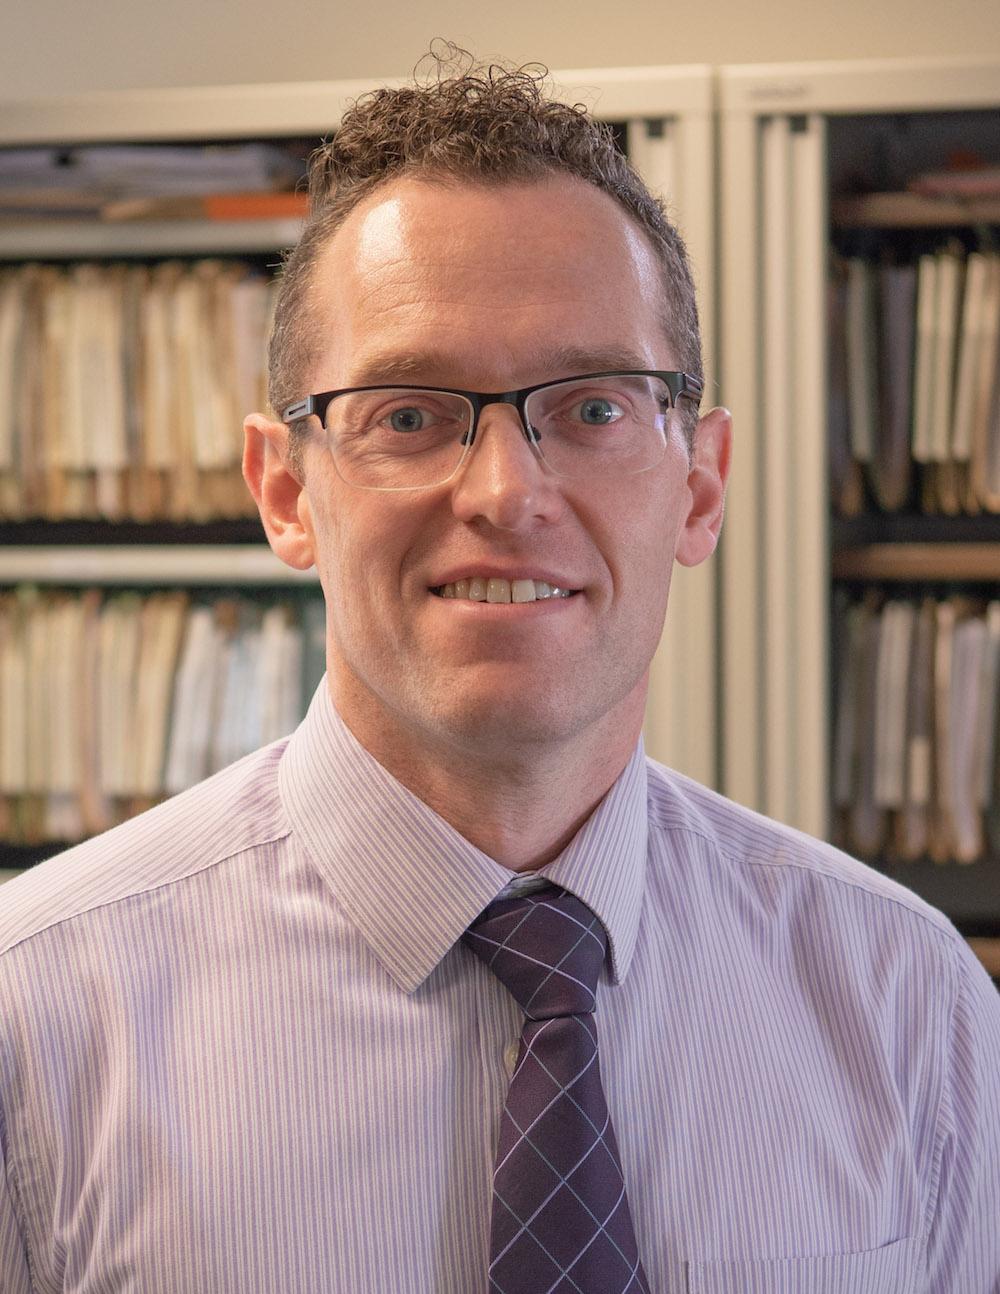 Ian Byers